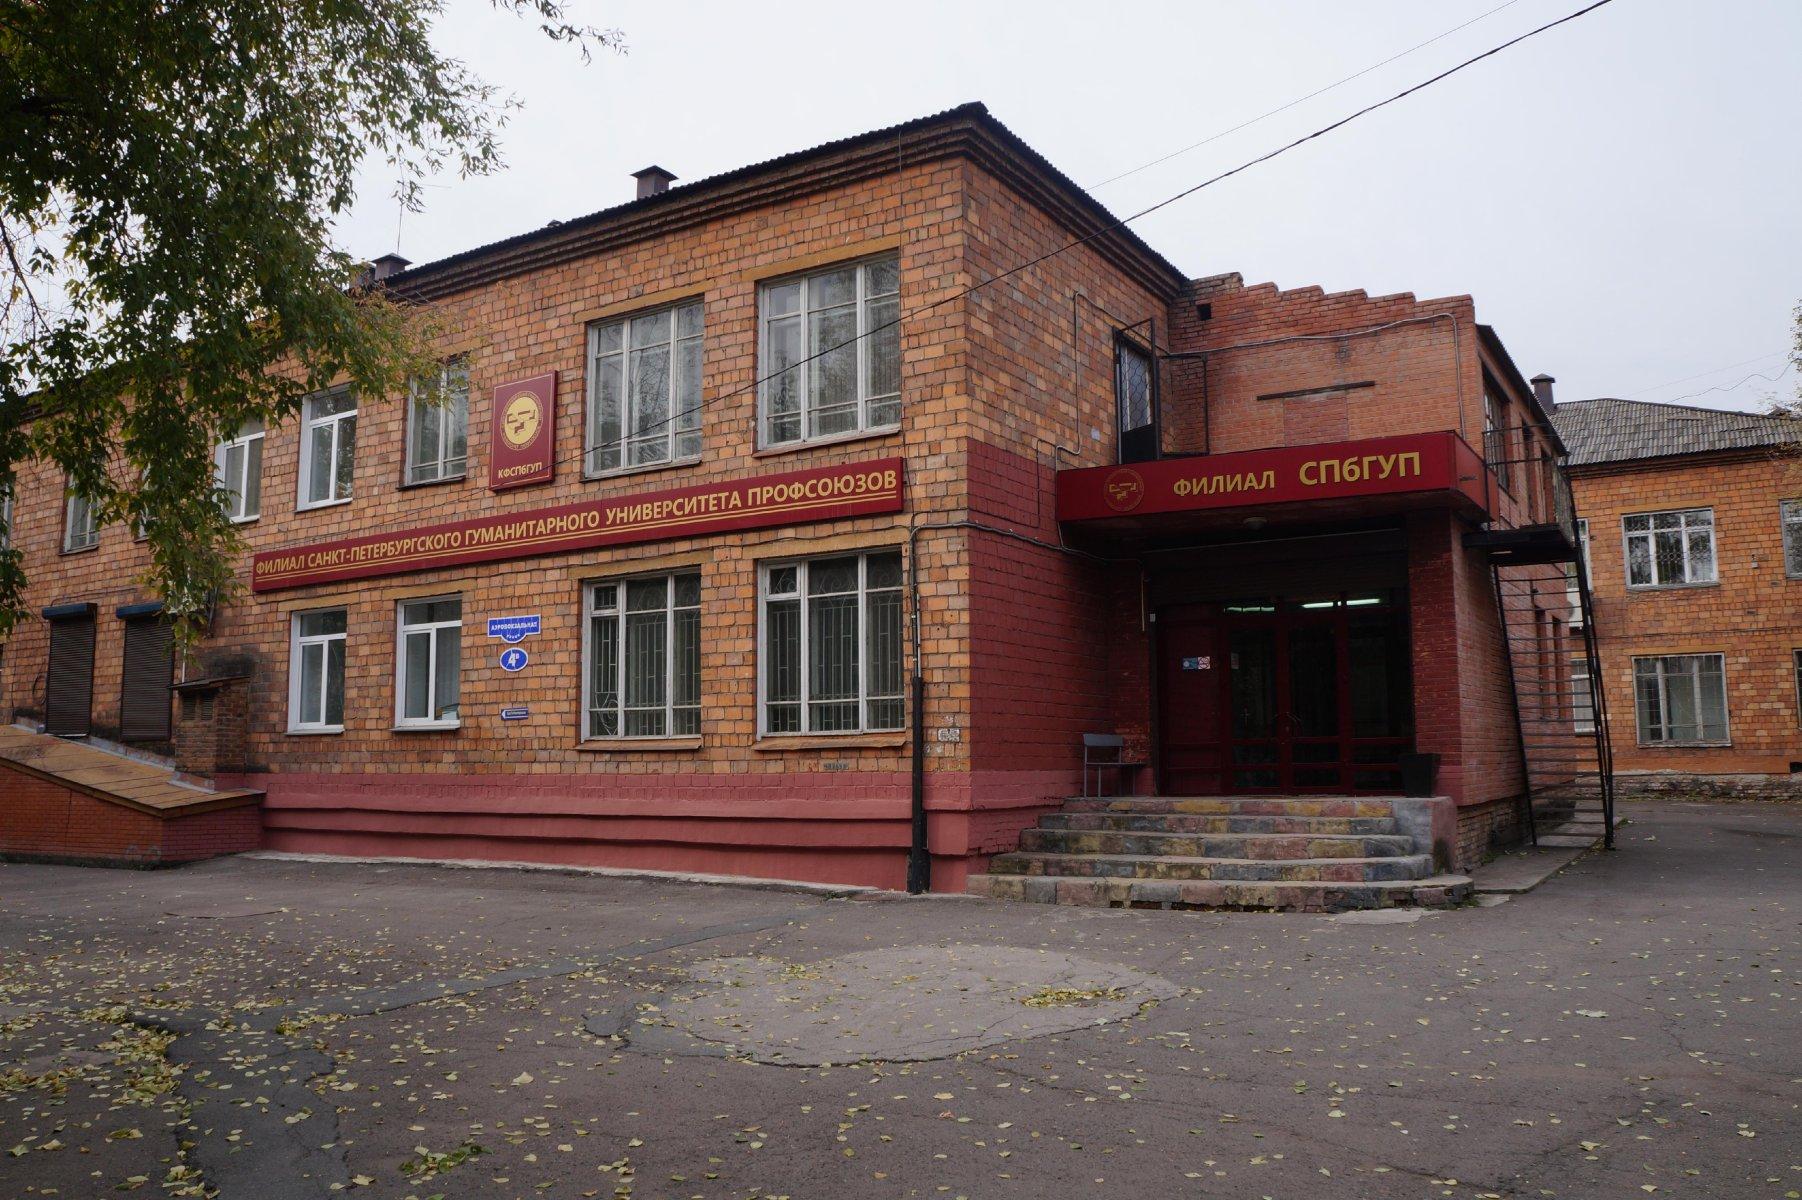 Санкт-Петербургский гуманитарный университет профсоюзов — филиал в г. Красноярск